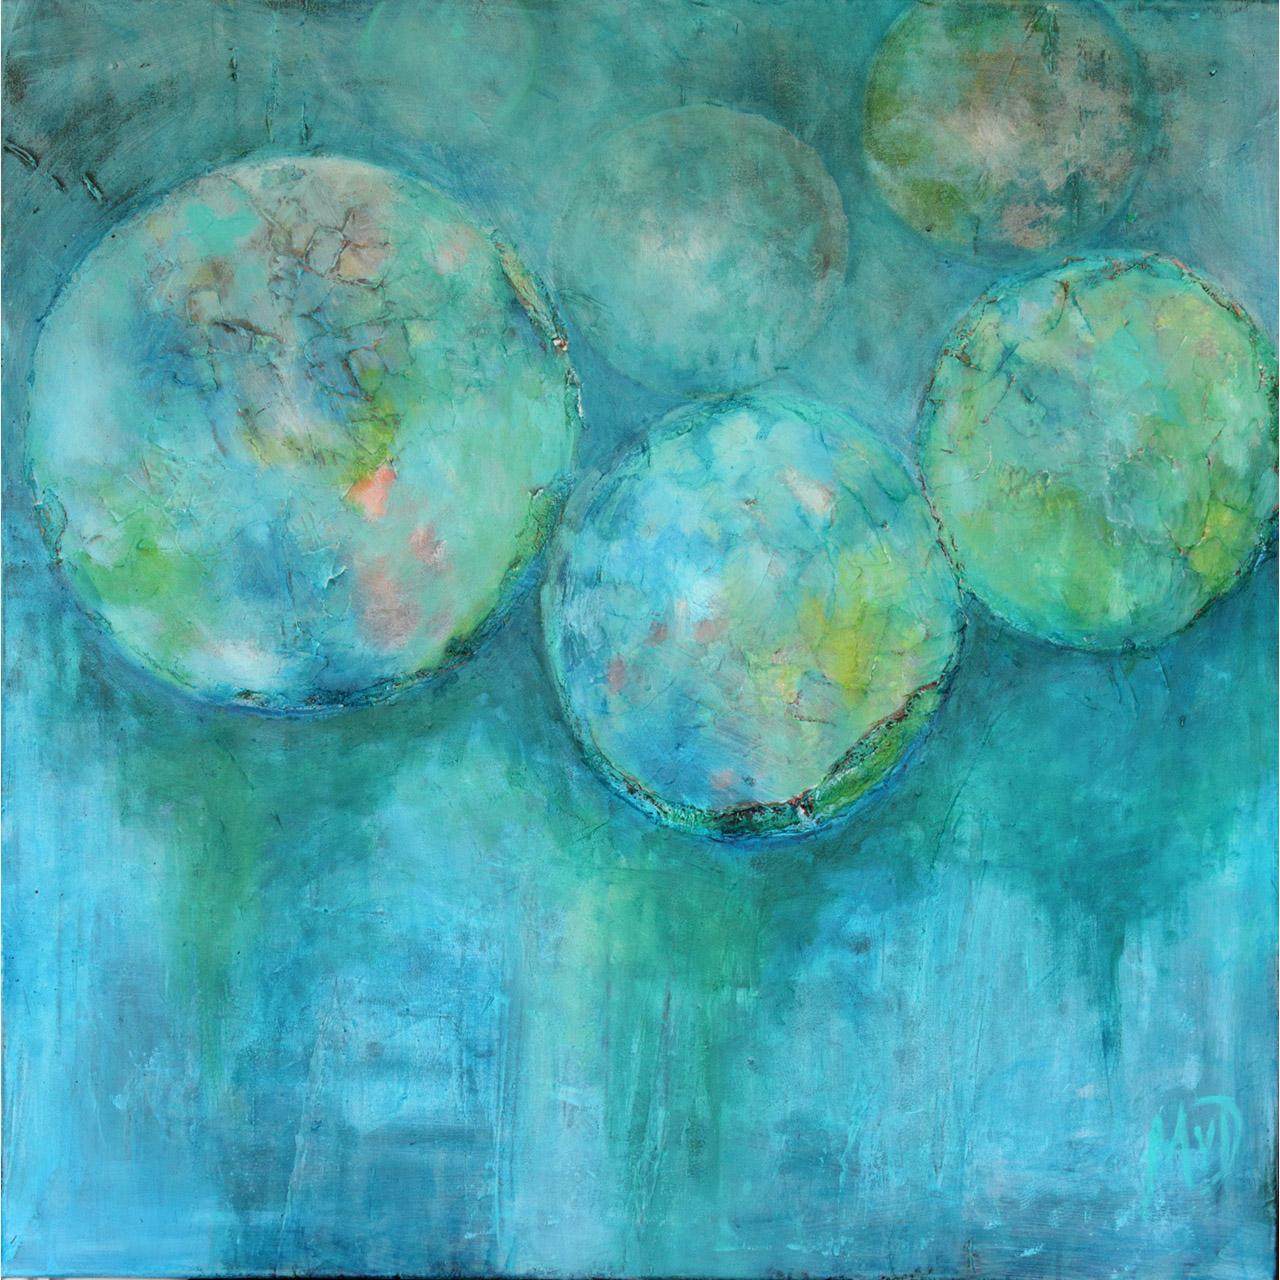 Marja van Dooremalen_Balls_acryl op doek_90x90